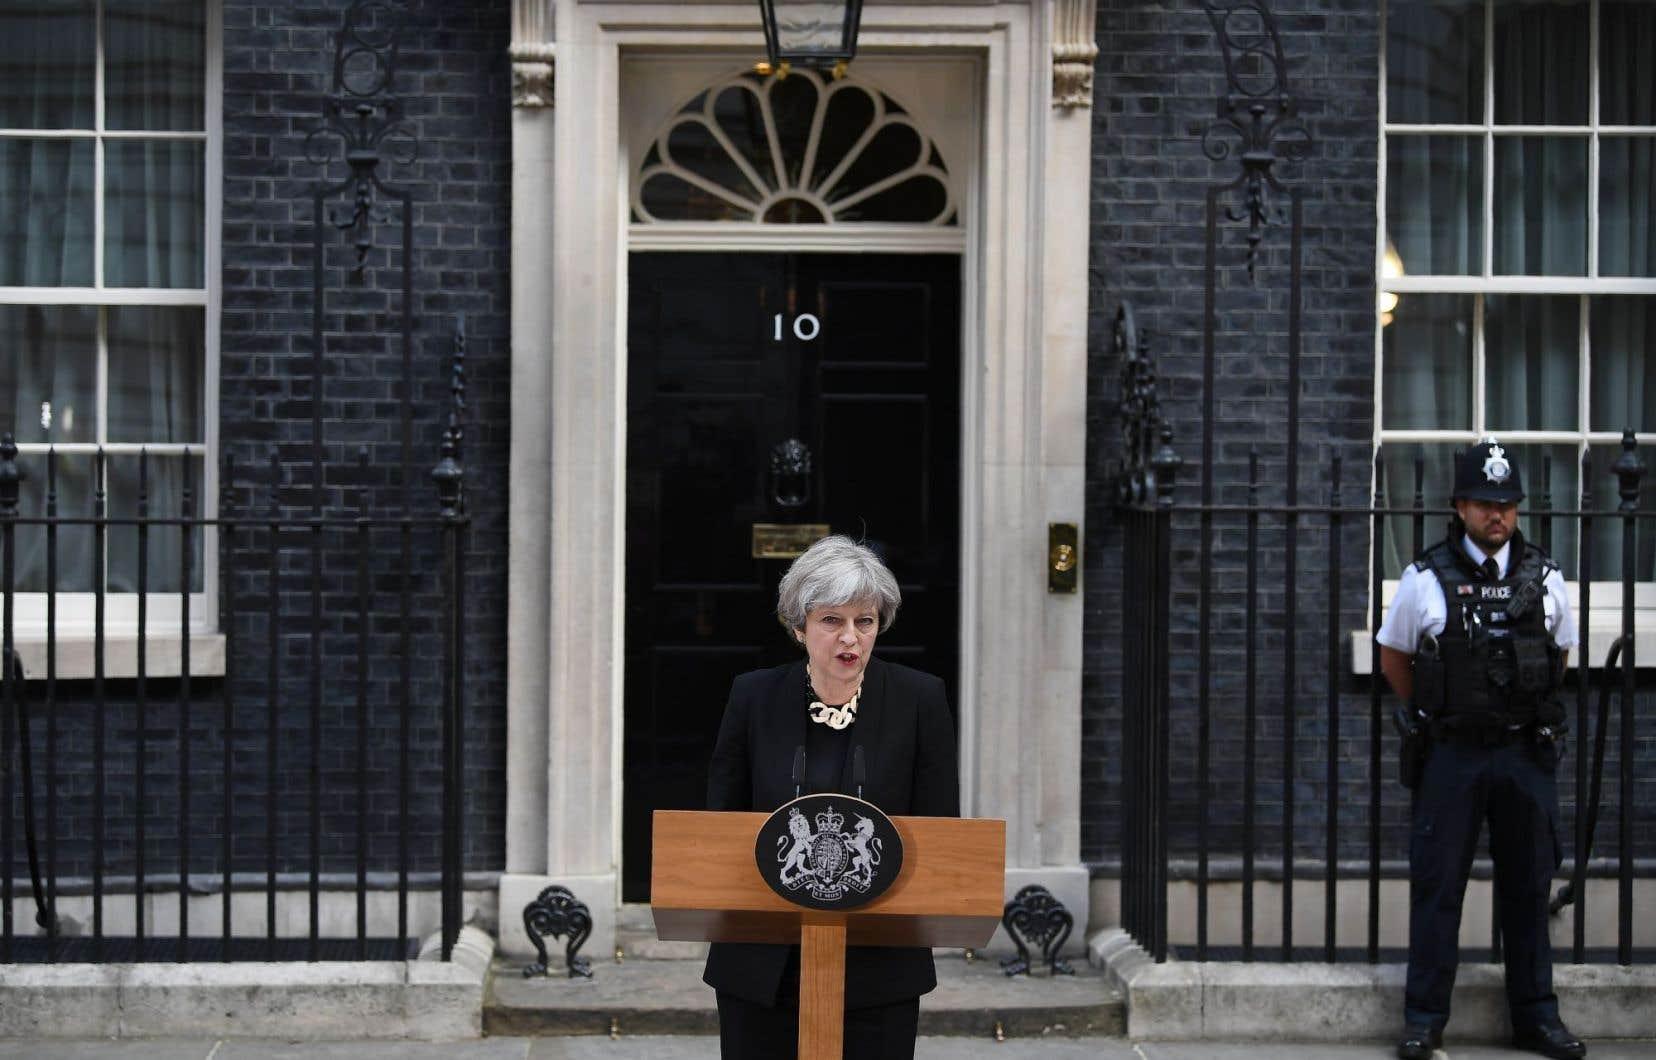 La première ministre britannique Theresa May a annoncé que les services de police et de renseignement allaient entreprendre un examen de leurs méthodes de travail.